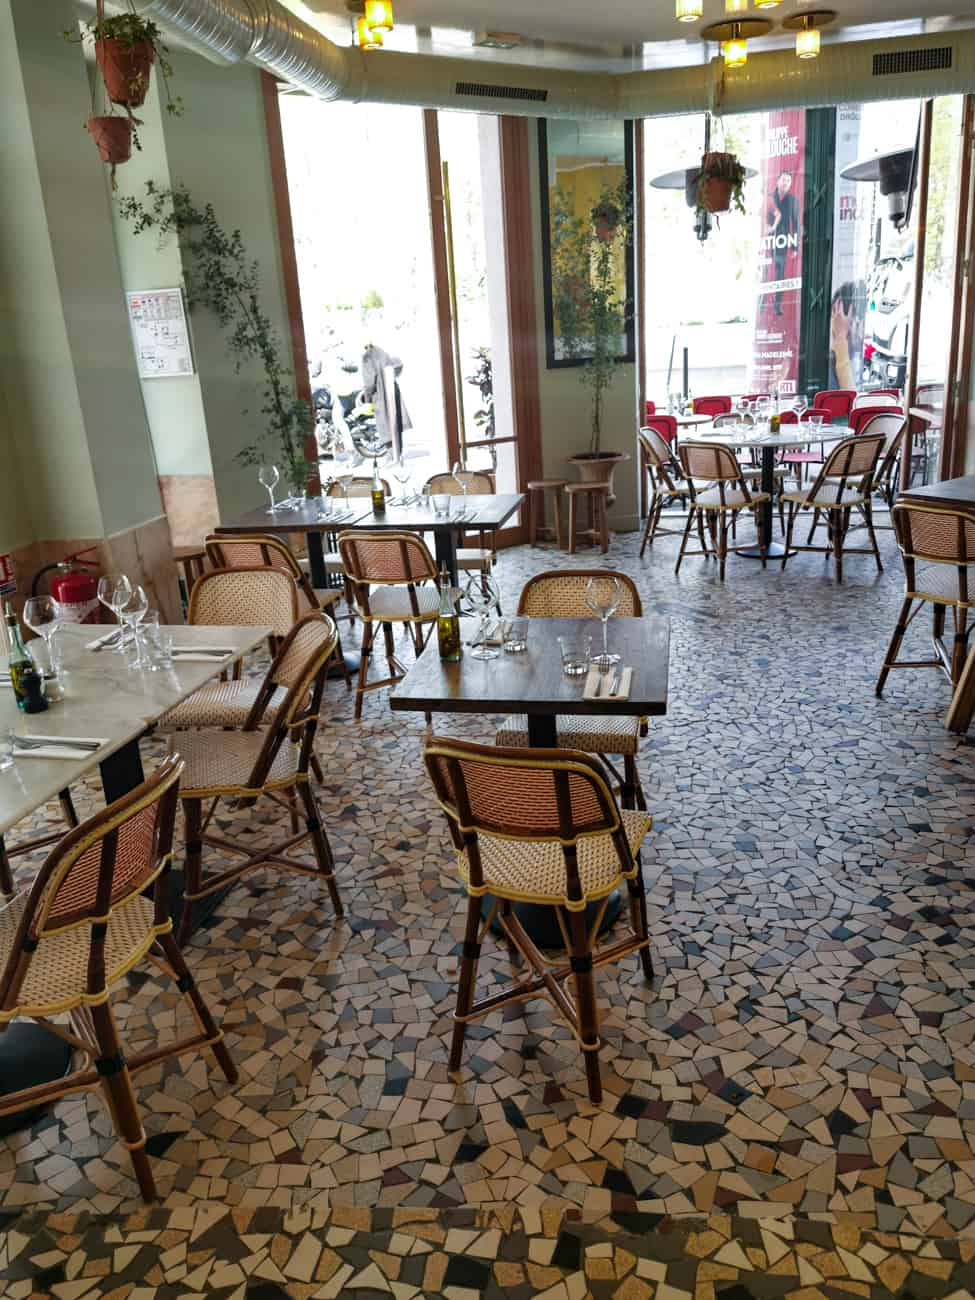 uno-restaurant-italien-pizzeria-les-halles-paris-23